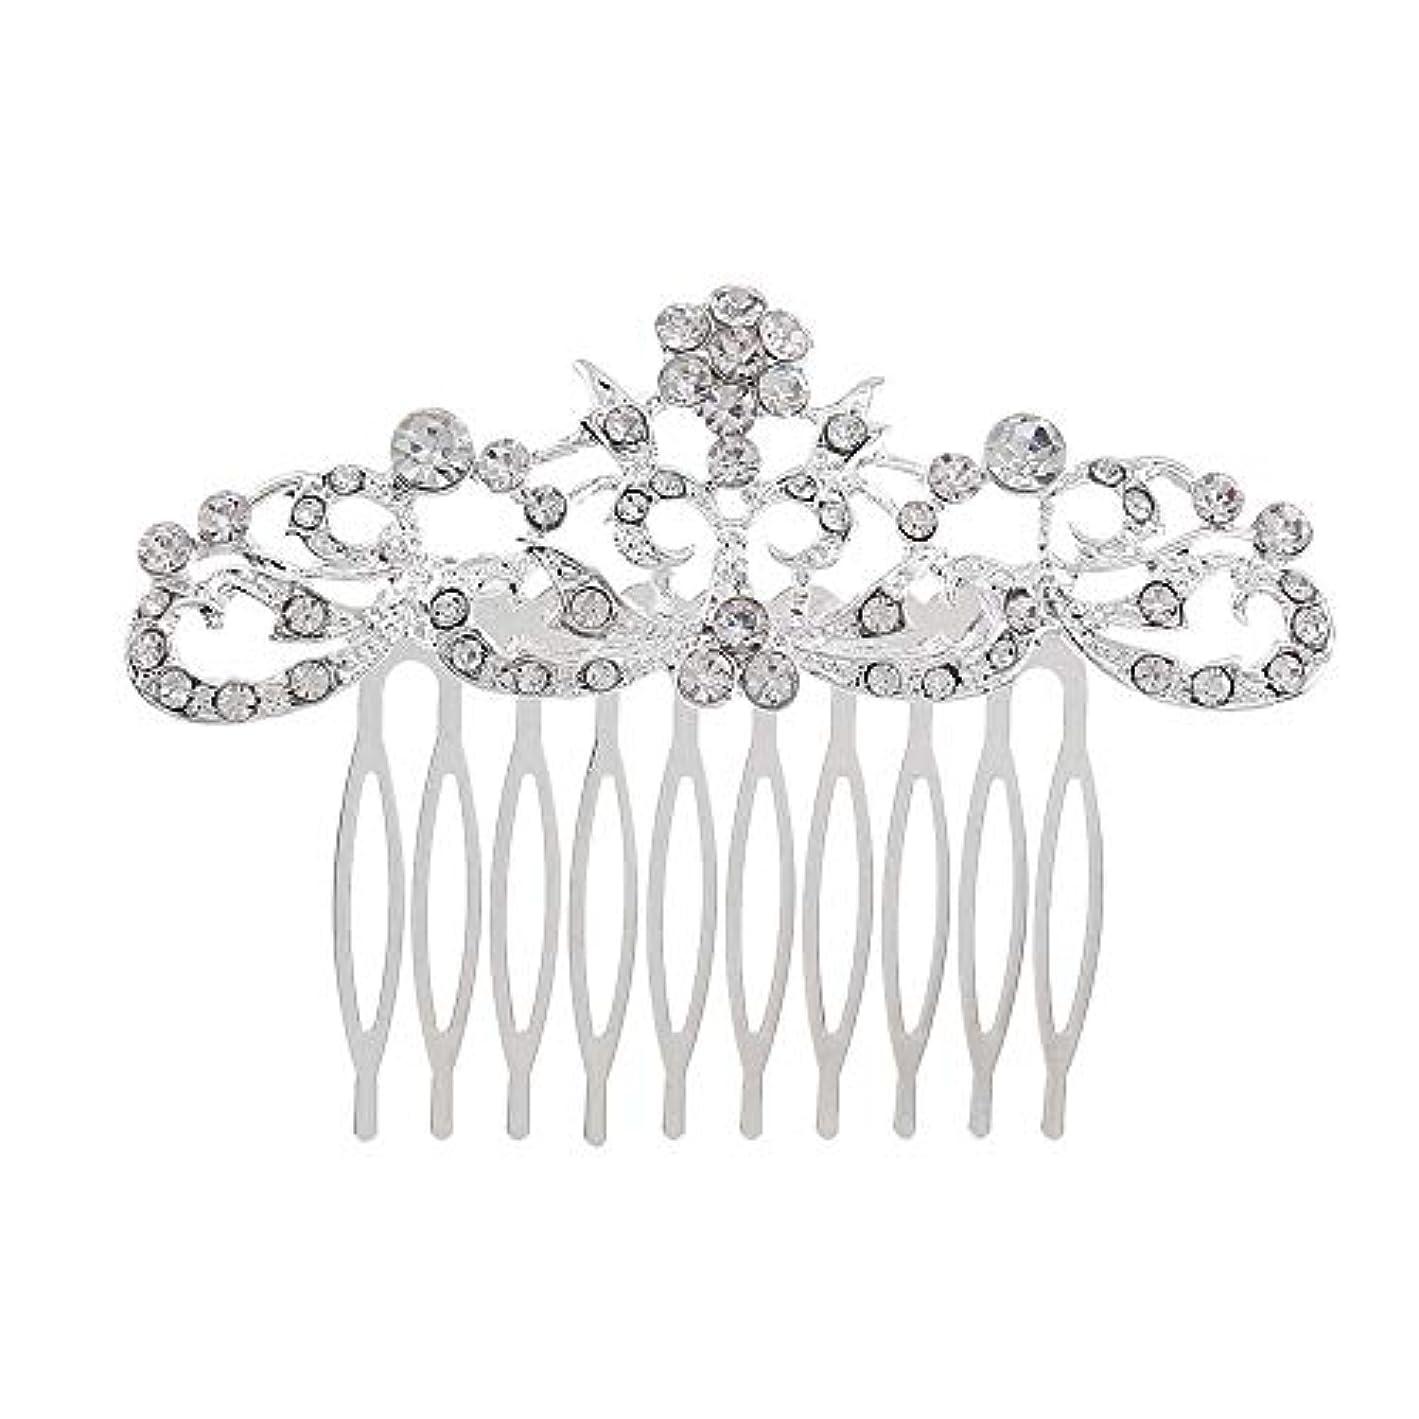 引退したバイオレットではごきげんよう髪の櫛の櫛の櫛の花嫁の髪の櫛のファッションラインストーンの櫛の櫛の花嫁の頭飾りの結婚式のアクセサリー